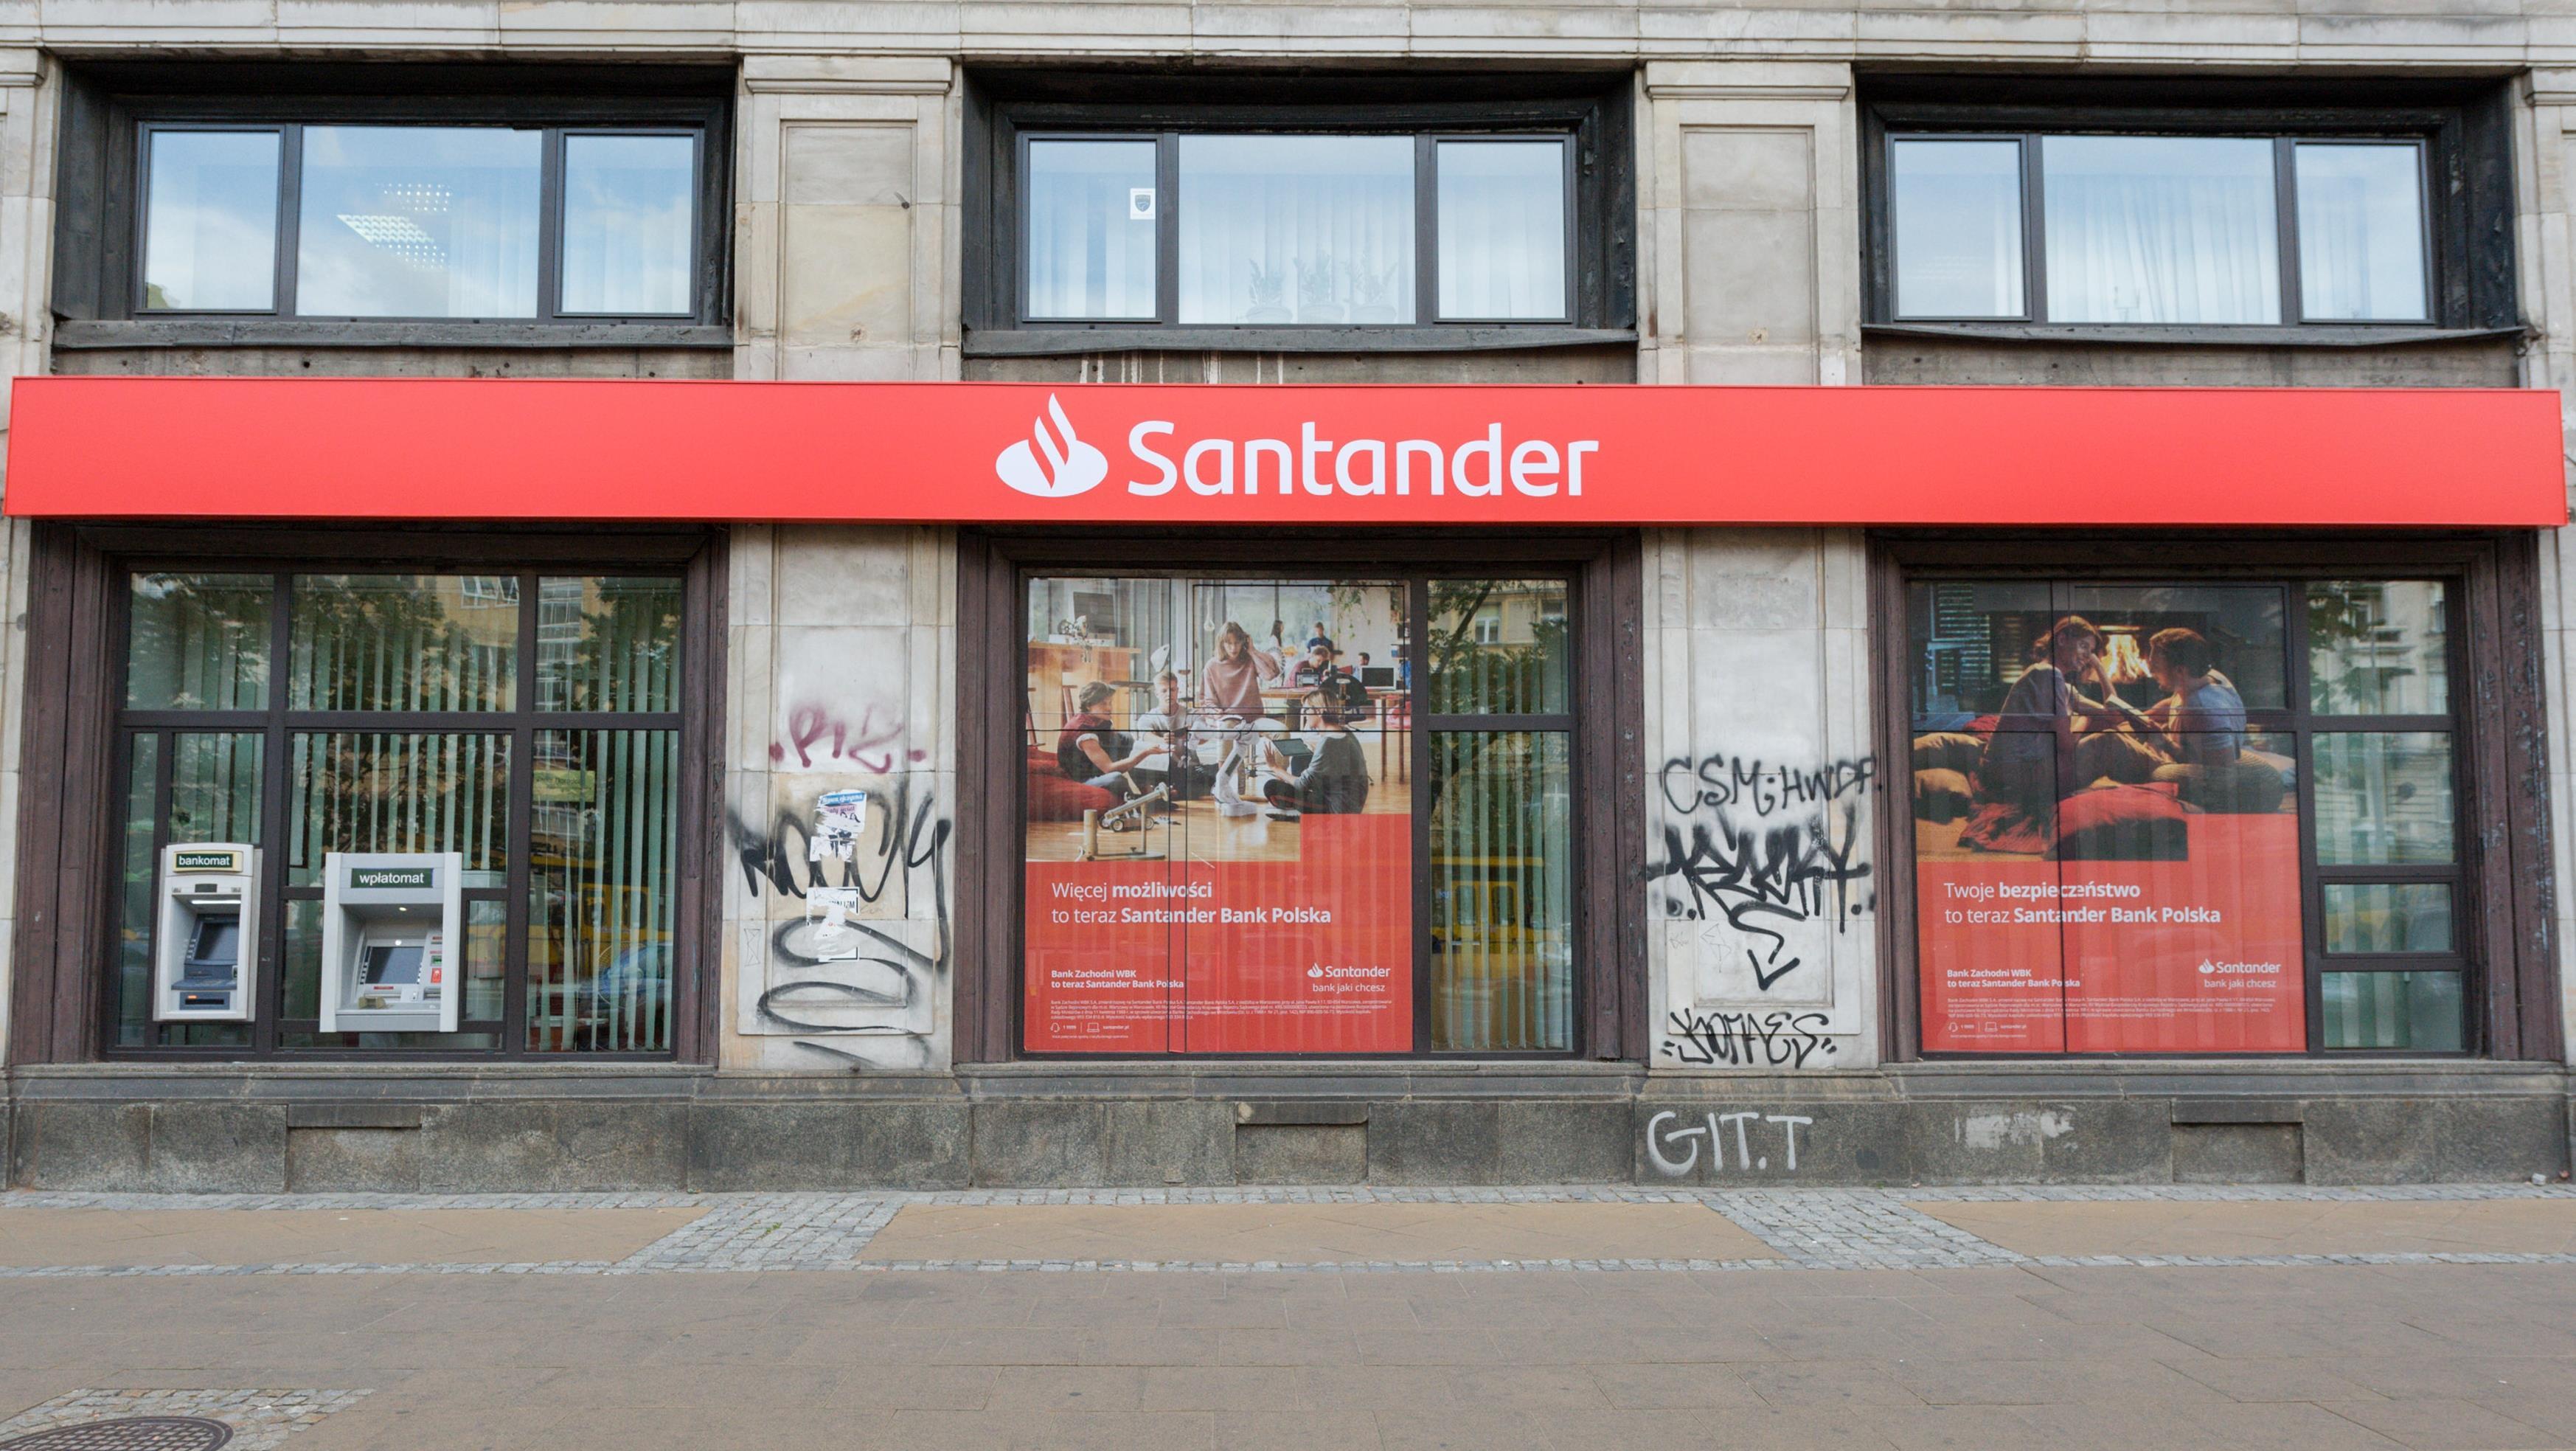 Zyskaj premie z Kontem Firmowym w nowej promocji od Santander Bank Polska